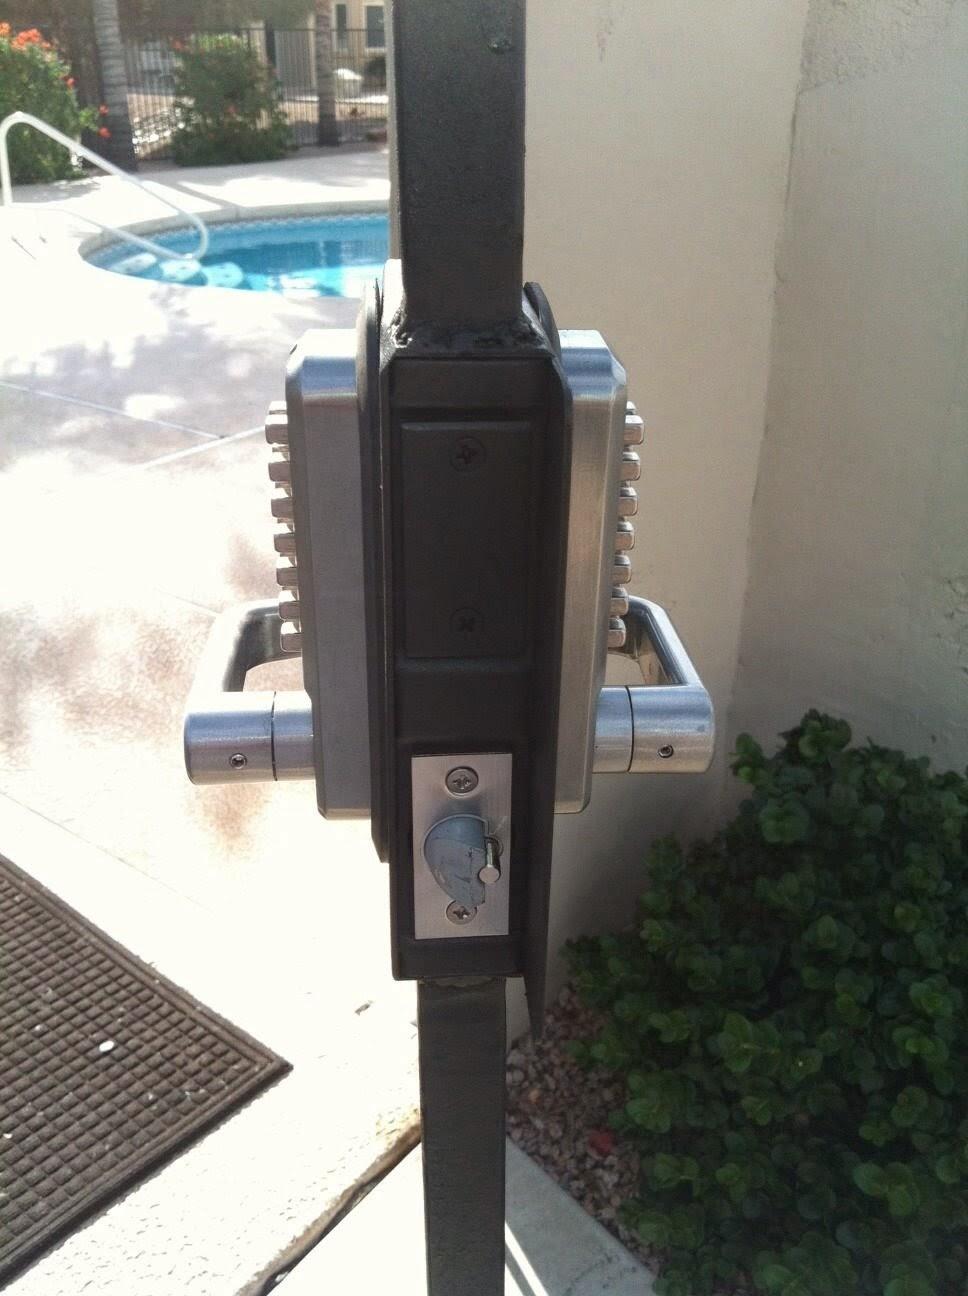 Pool Gate Hoa Code Locks